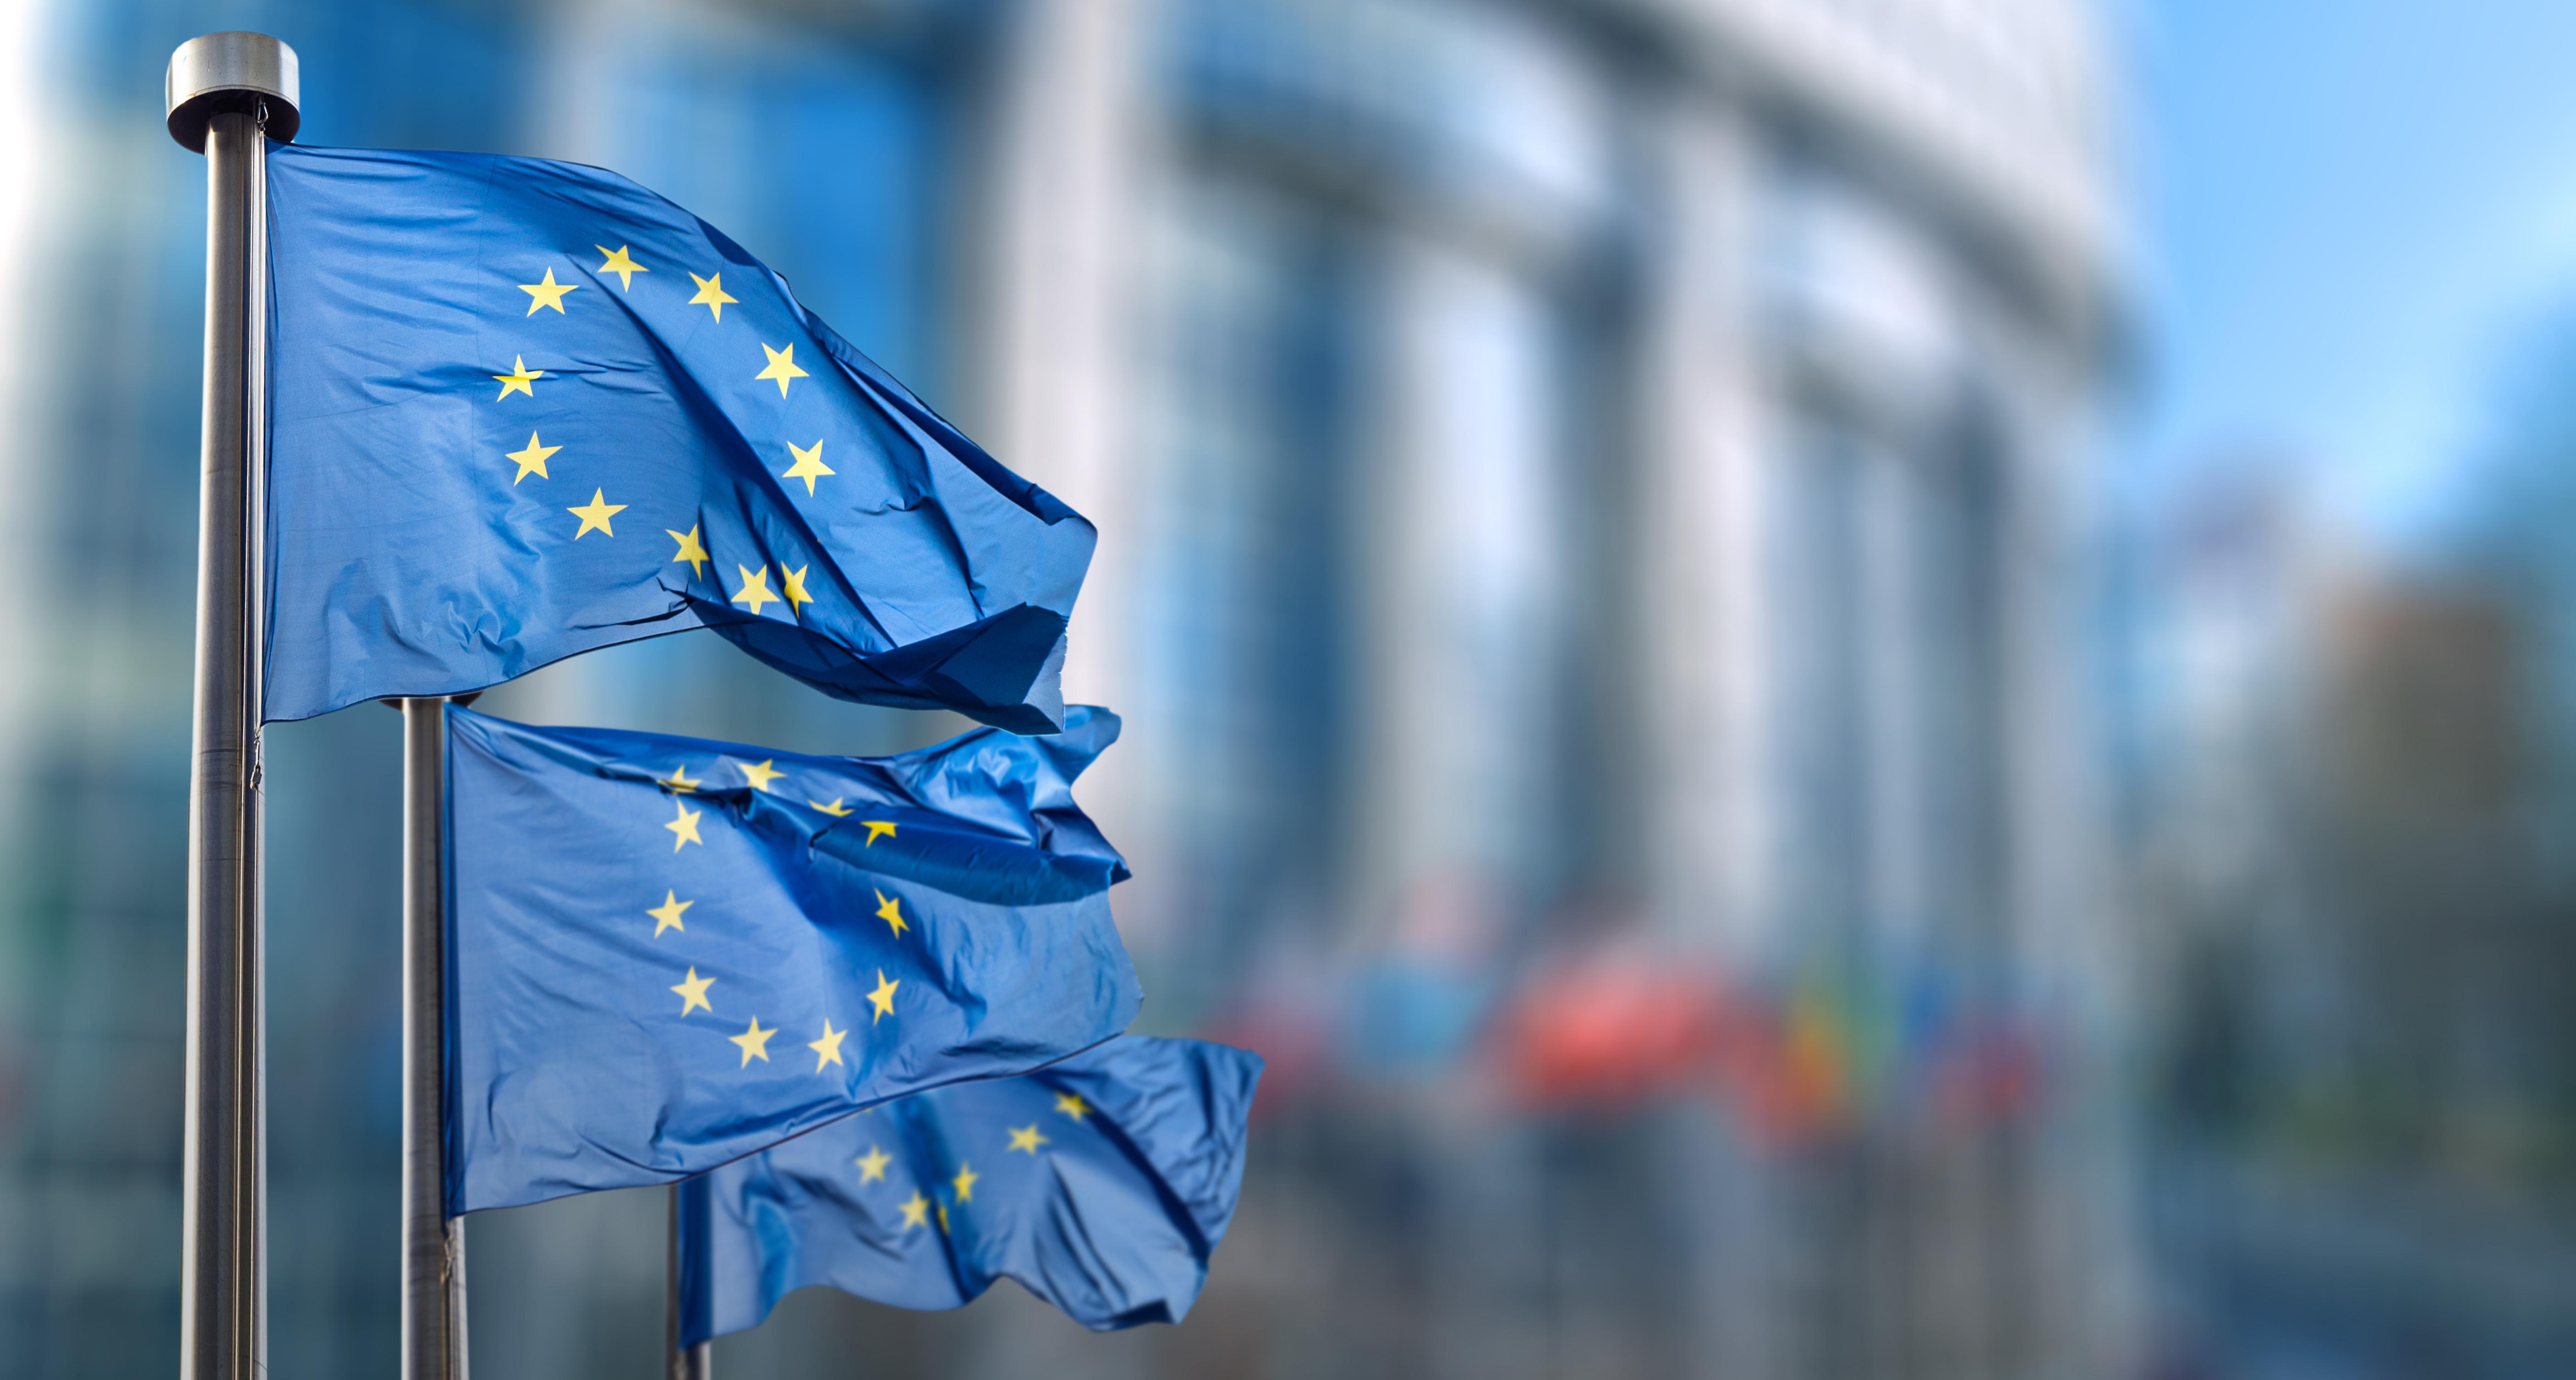 Komisja Europejska uruchomiła system bezpośredniego zgłaszania barier w handlu z państwami trzecimi